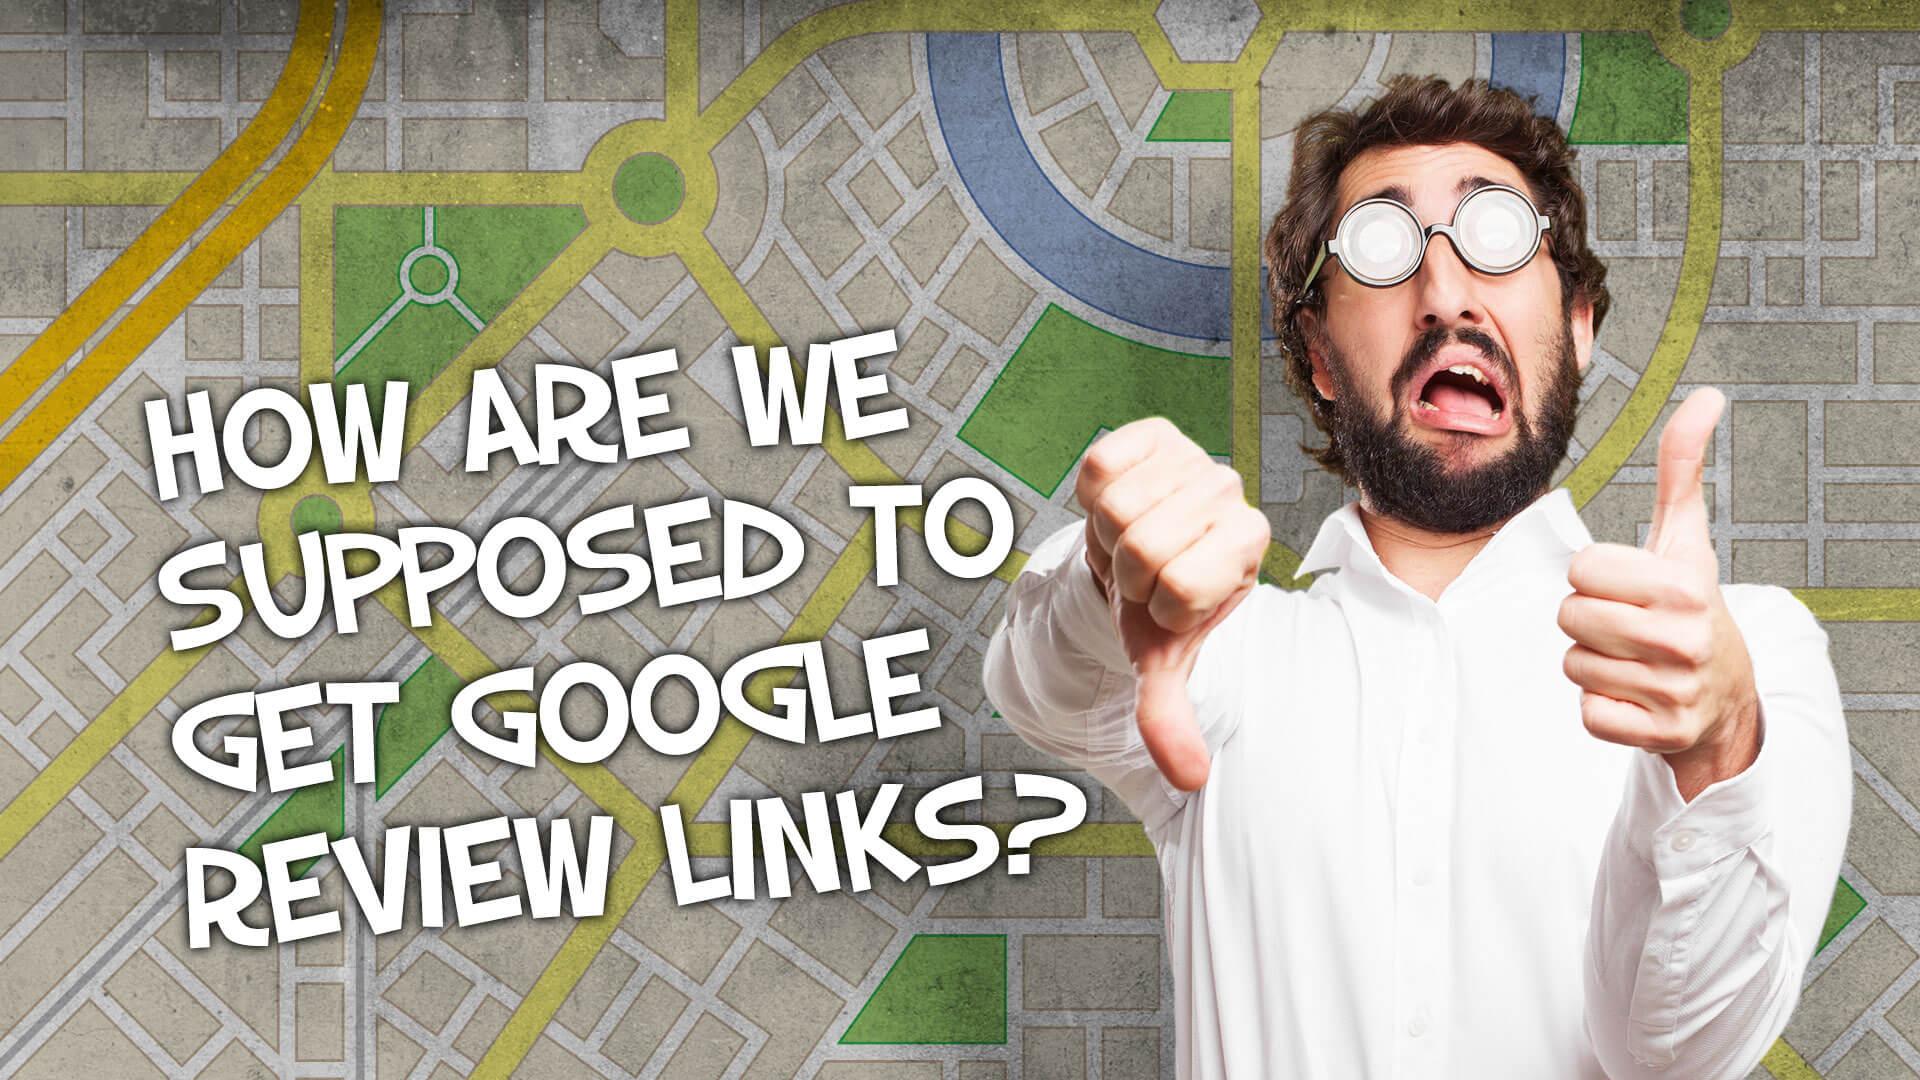 Cómo obtener enlaces de revisión de Google después de la actualización de G +